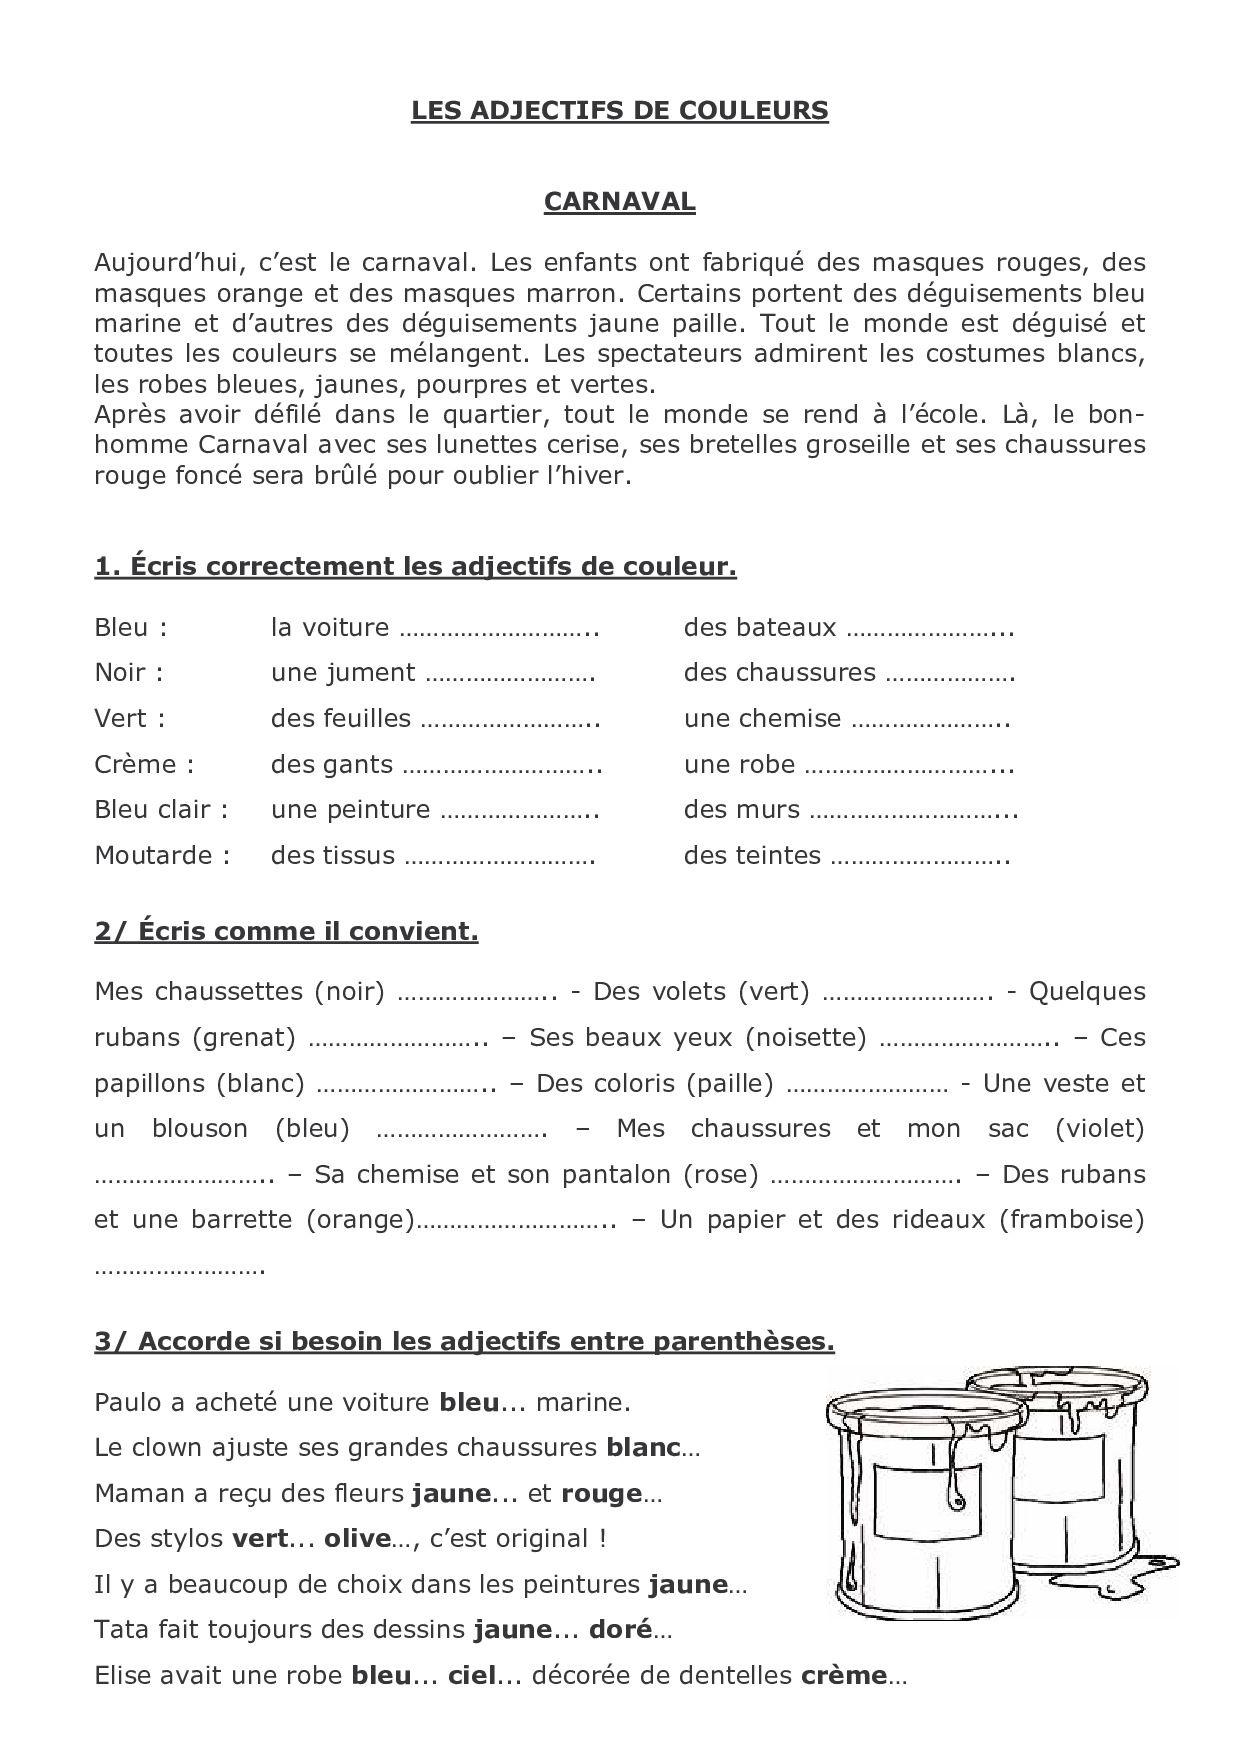 Les Adjectifs De Couleur Exercices Alloschool Les Adjectifs De Couleur Les Adjectif Adjectifs